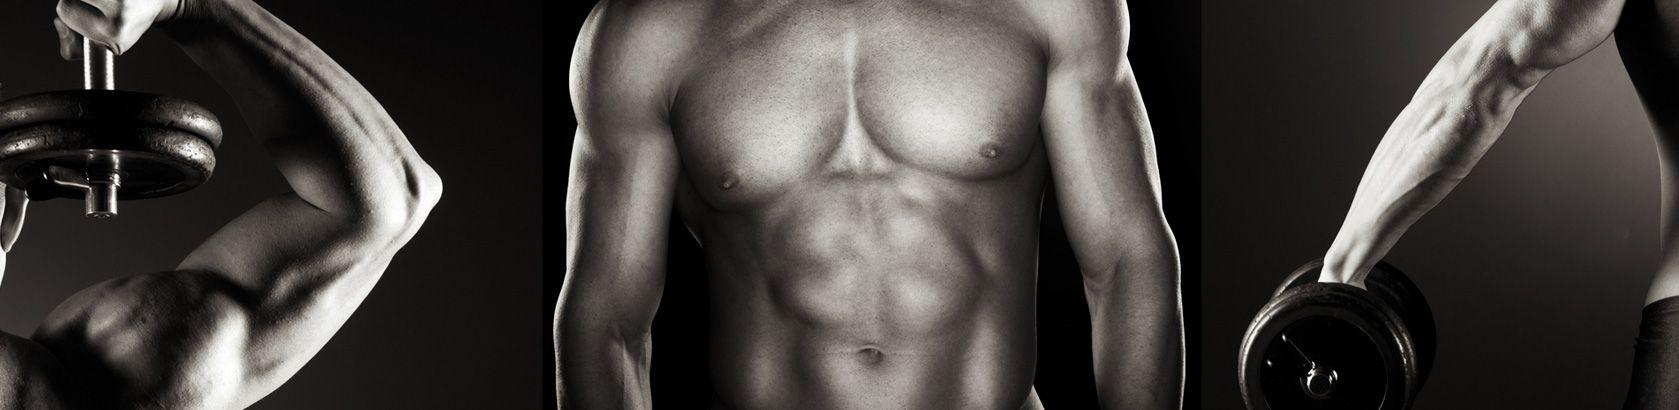 fitness body shots men holding dumbbells